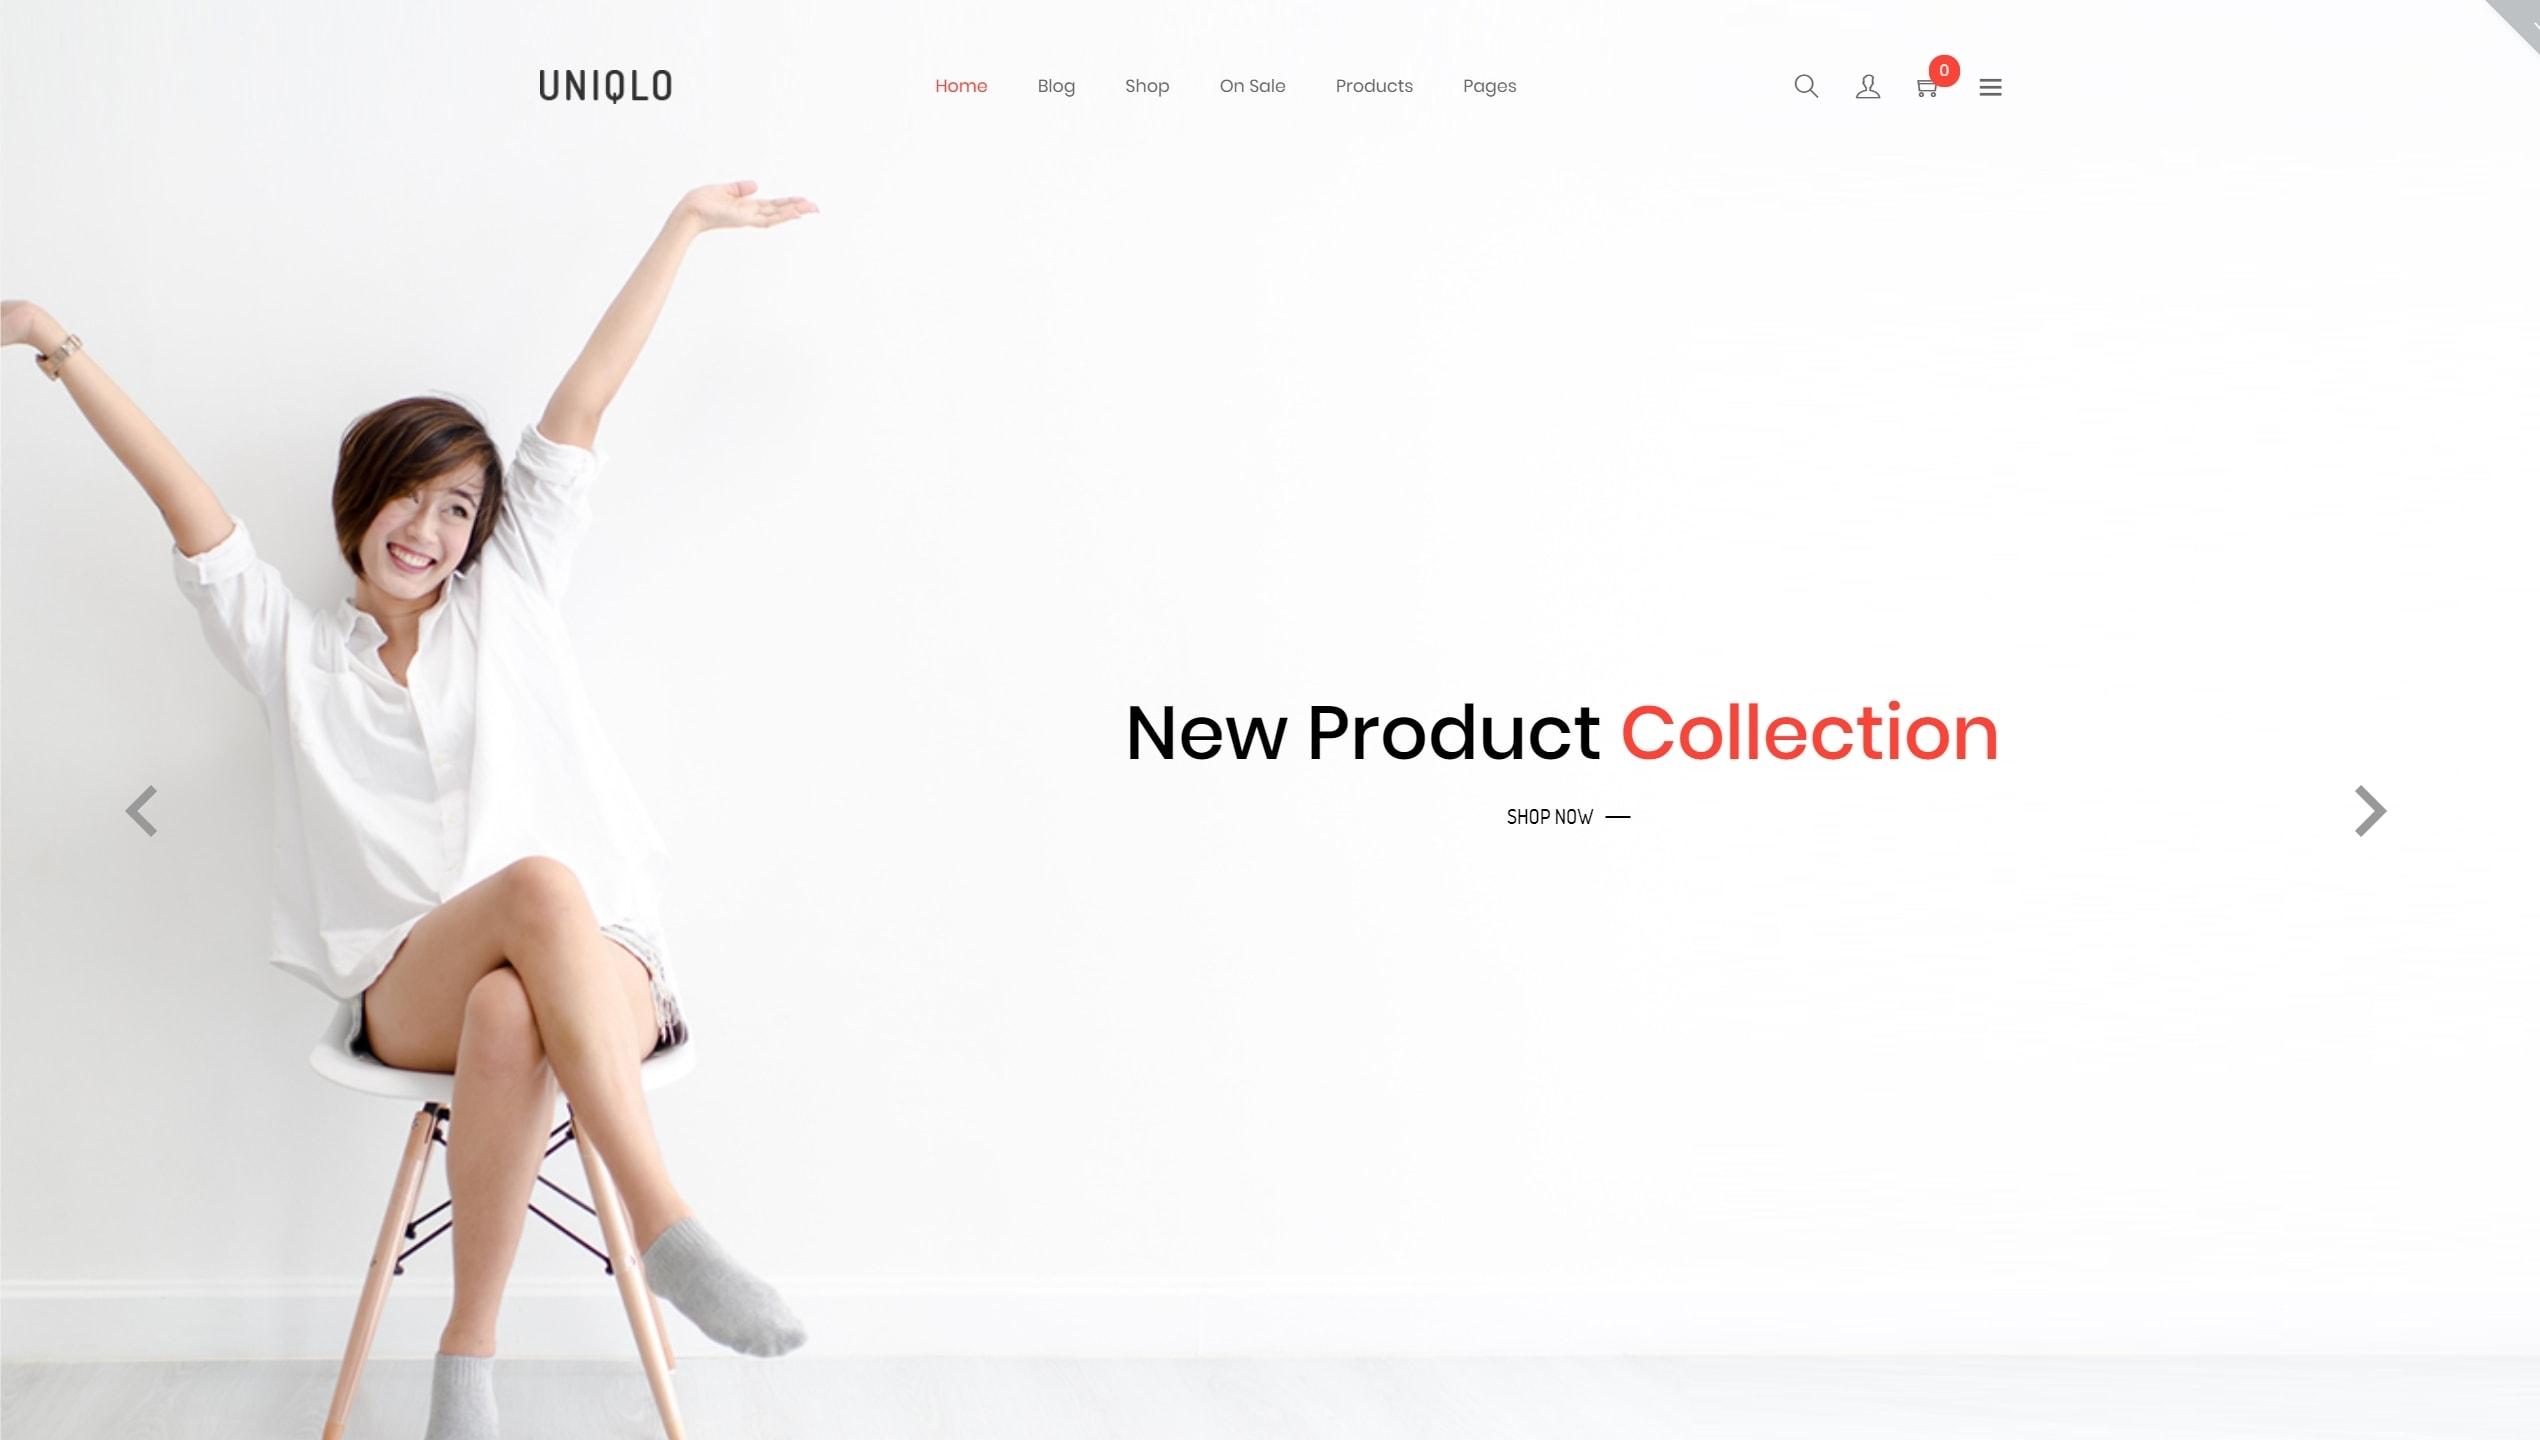 Красивые шаблоны интернет магазинов с лучшим дизайном для успешных продаж